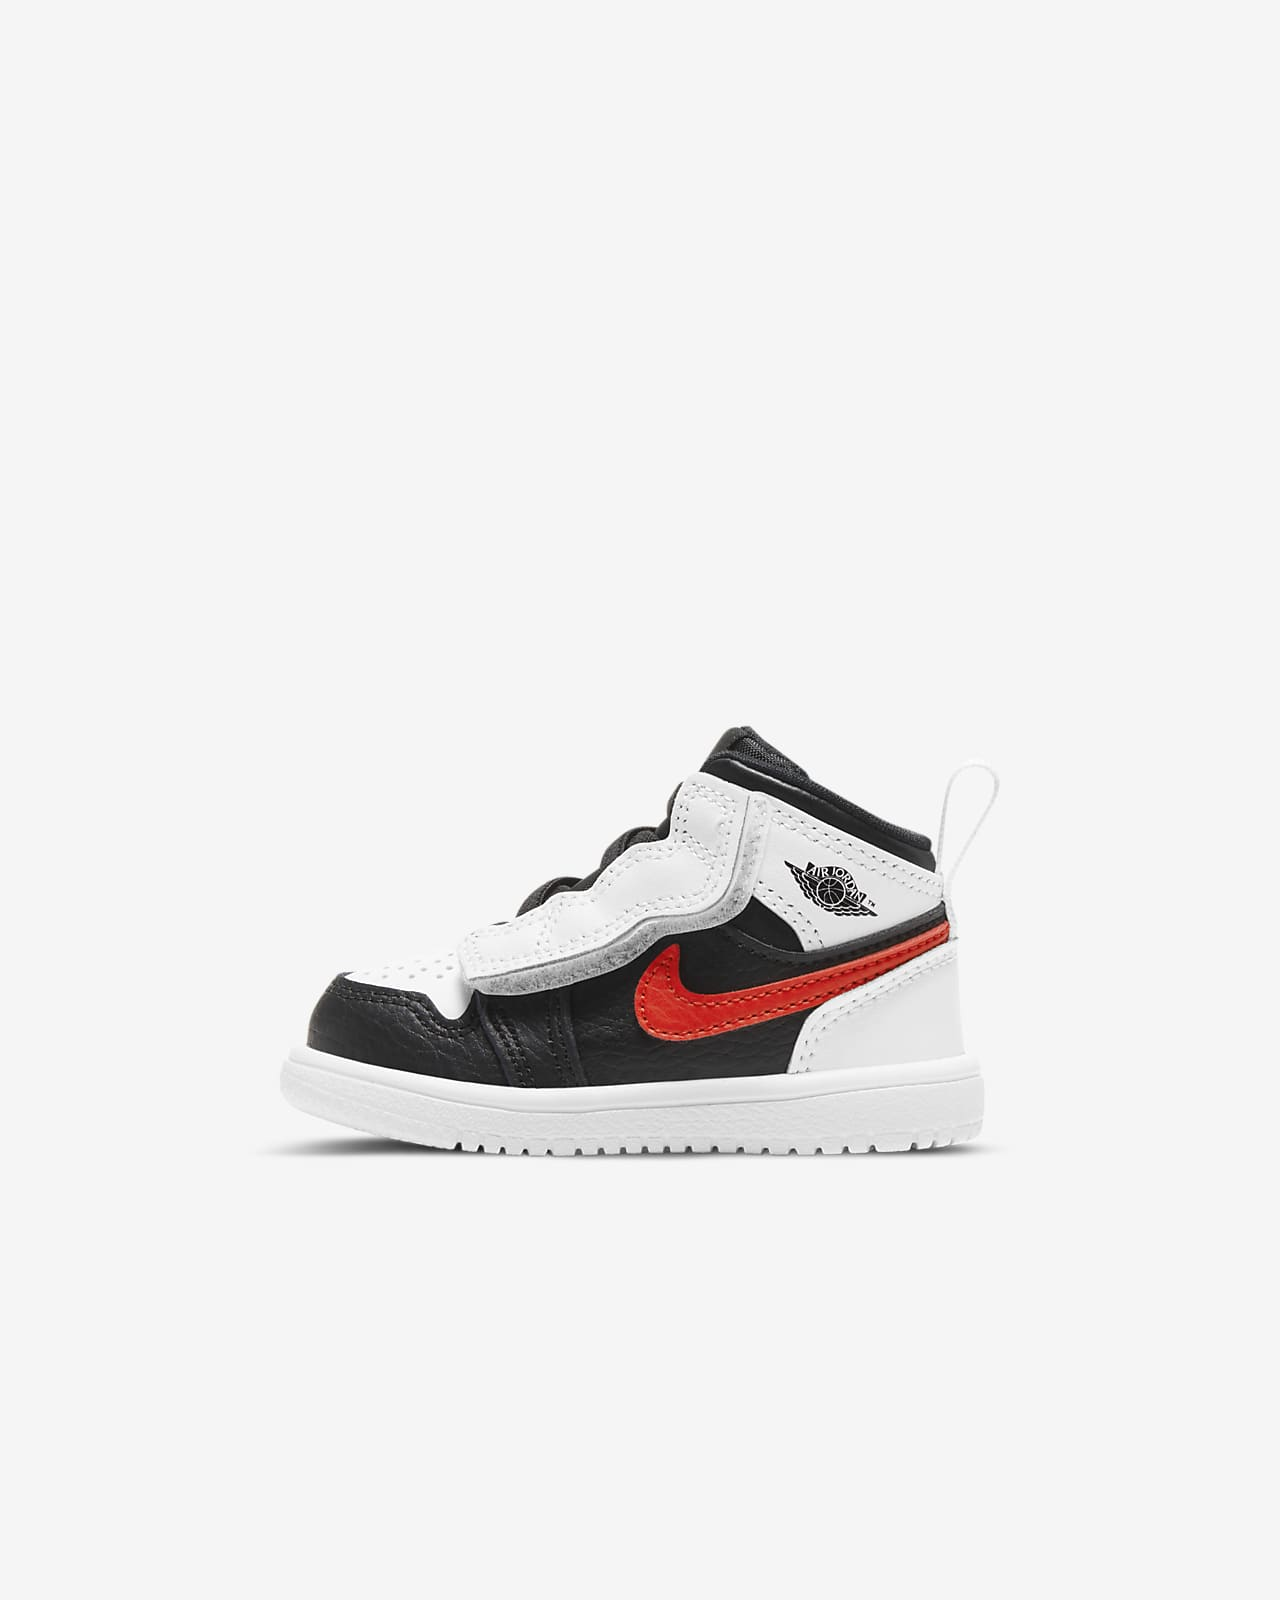 รองเท้าทารก/เด็กวัยหัดเดิน Jordan 1 Mid